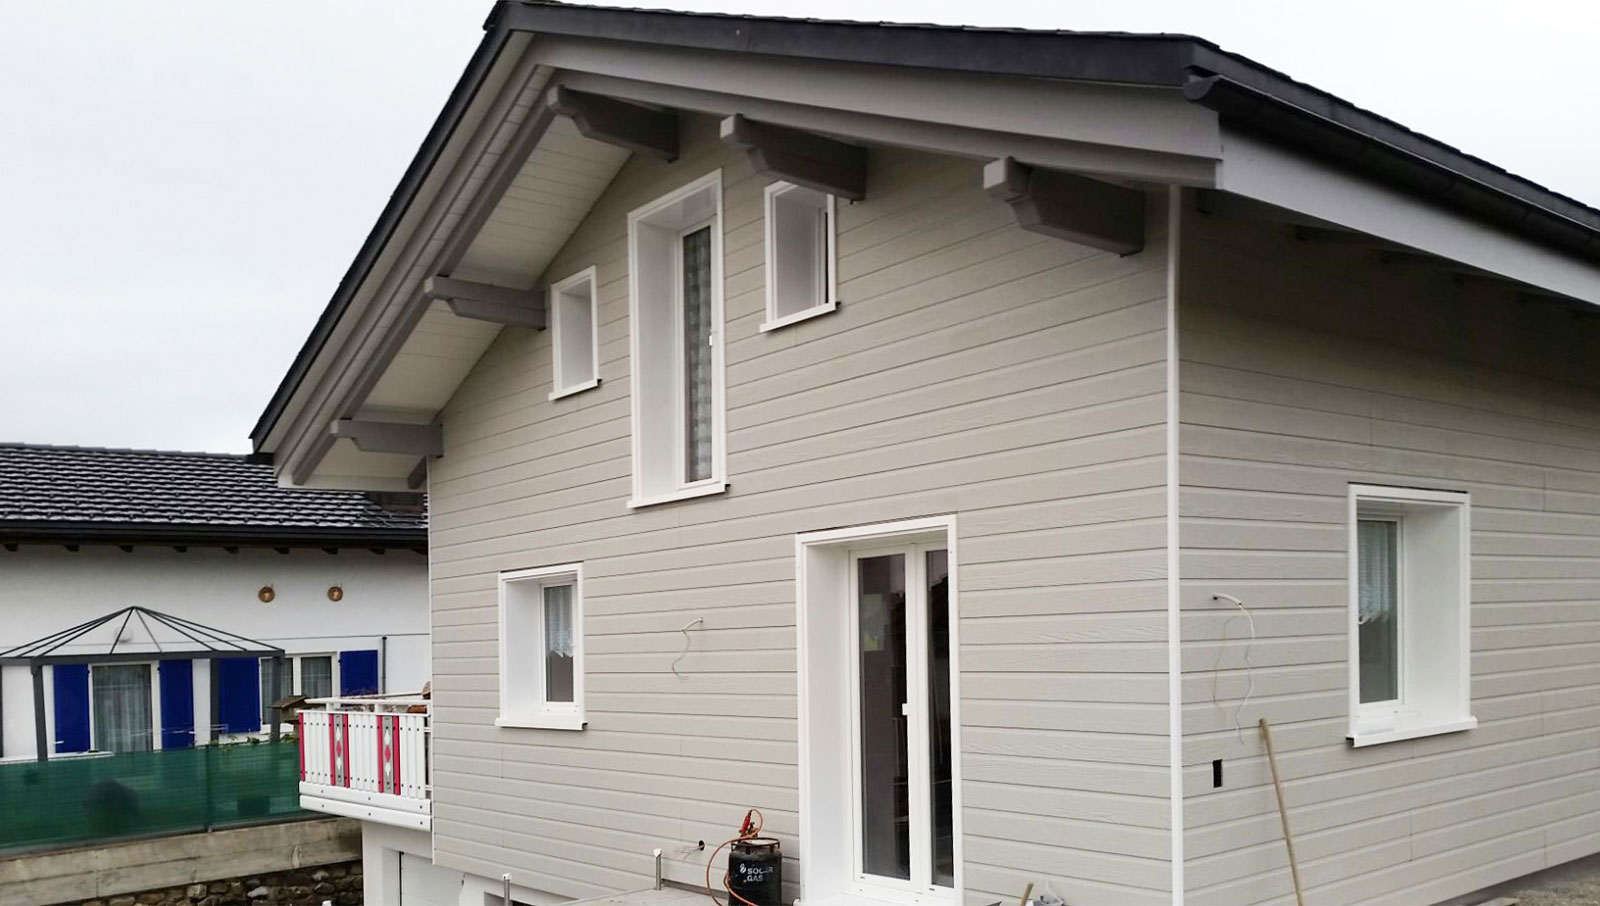 Fassadensanierung mit CANEXEL Holzfaser Paneelen